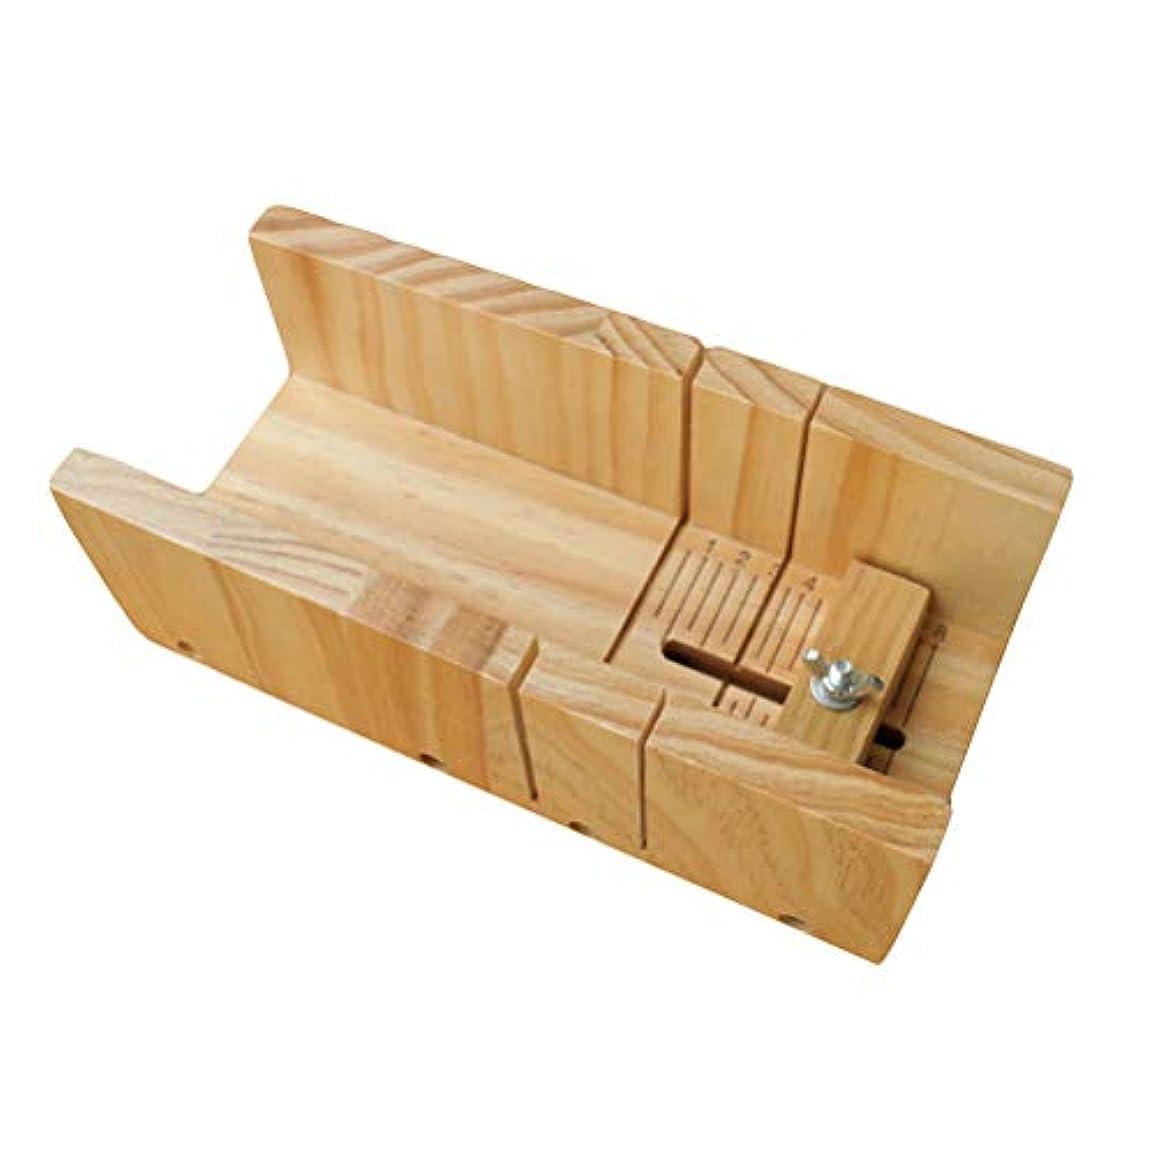 老朽化した歯科のひどくOUNONA ウッドソープロープカッターモールドプレミアム調整可能カッターモールドボックスソープ(木製カラー)